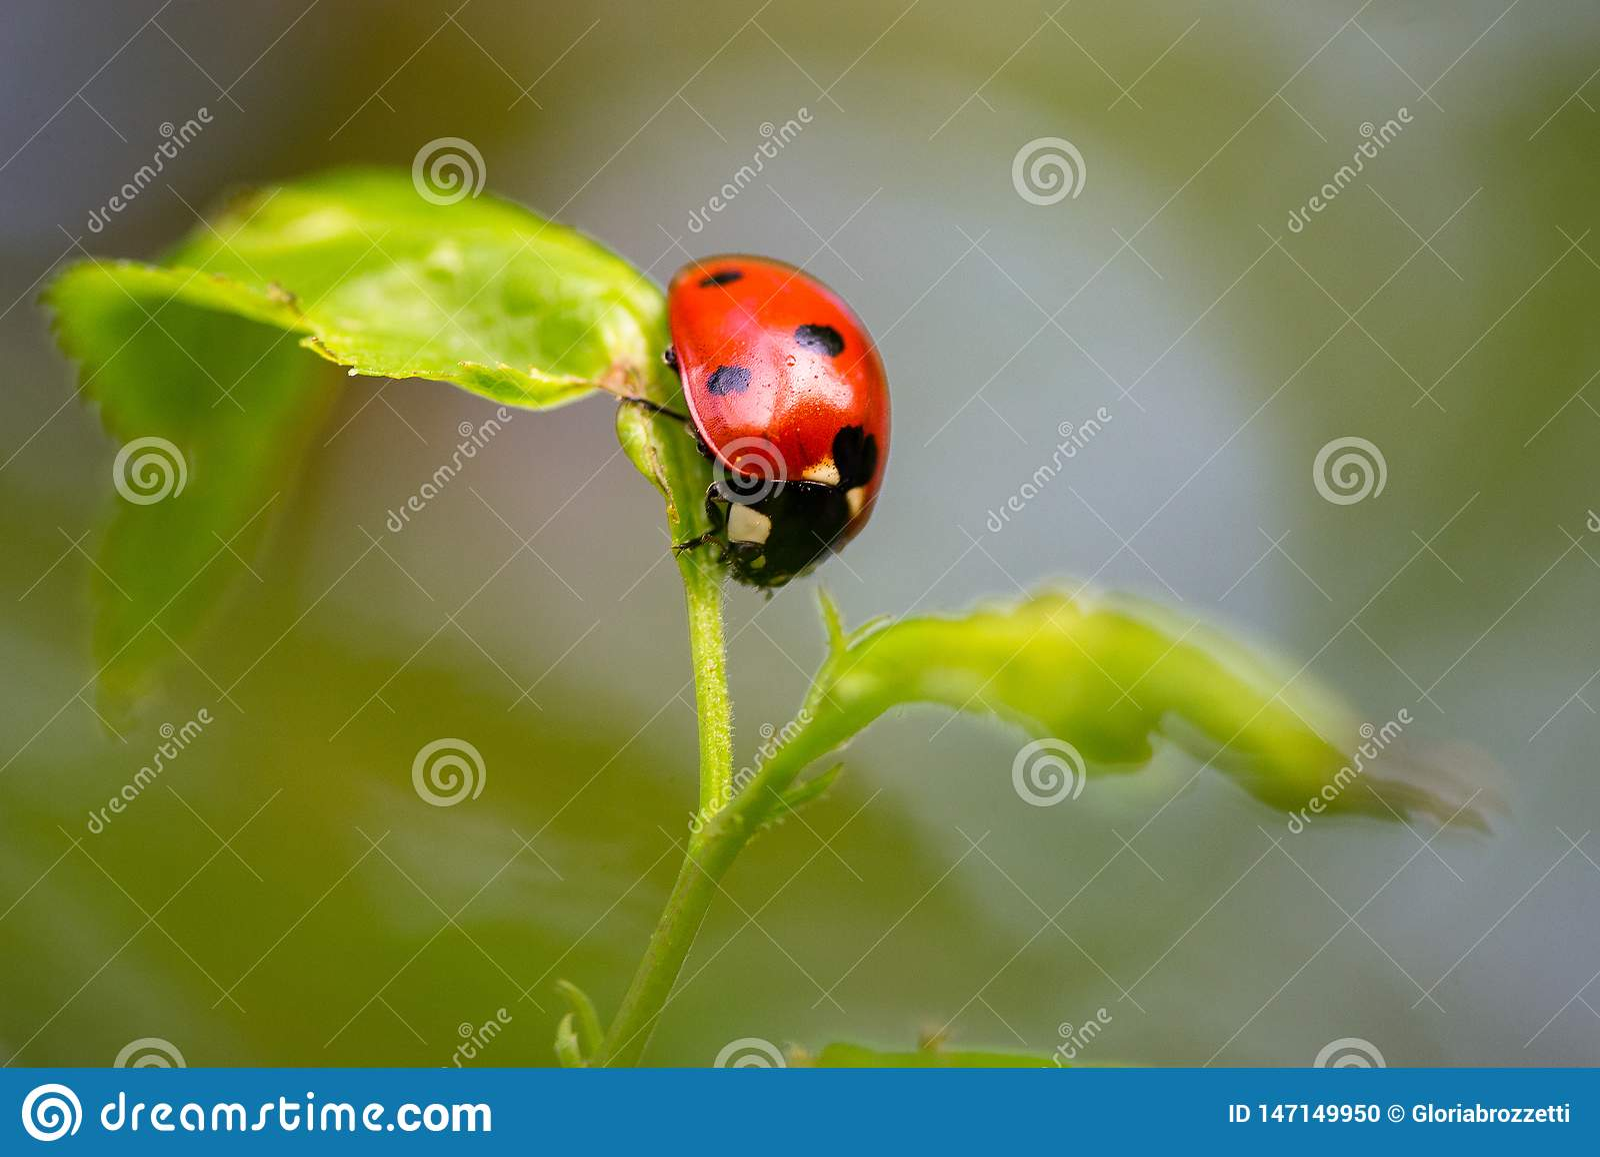 Nyckelpiga i jämvikt på en liten växt